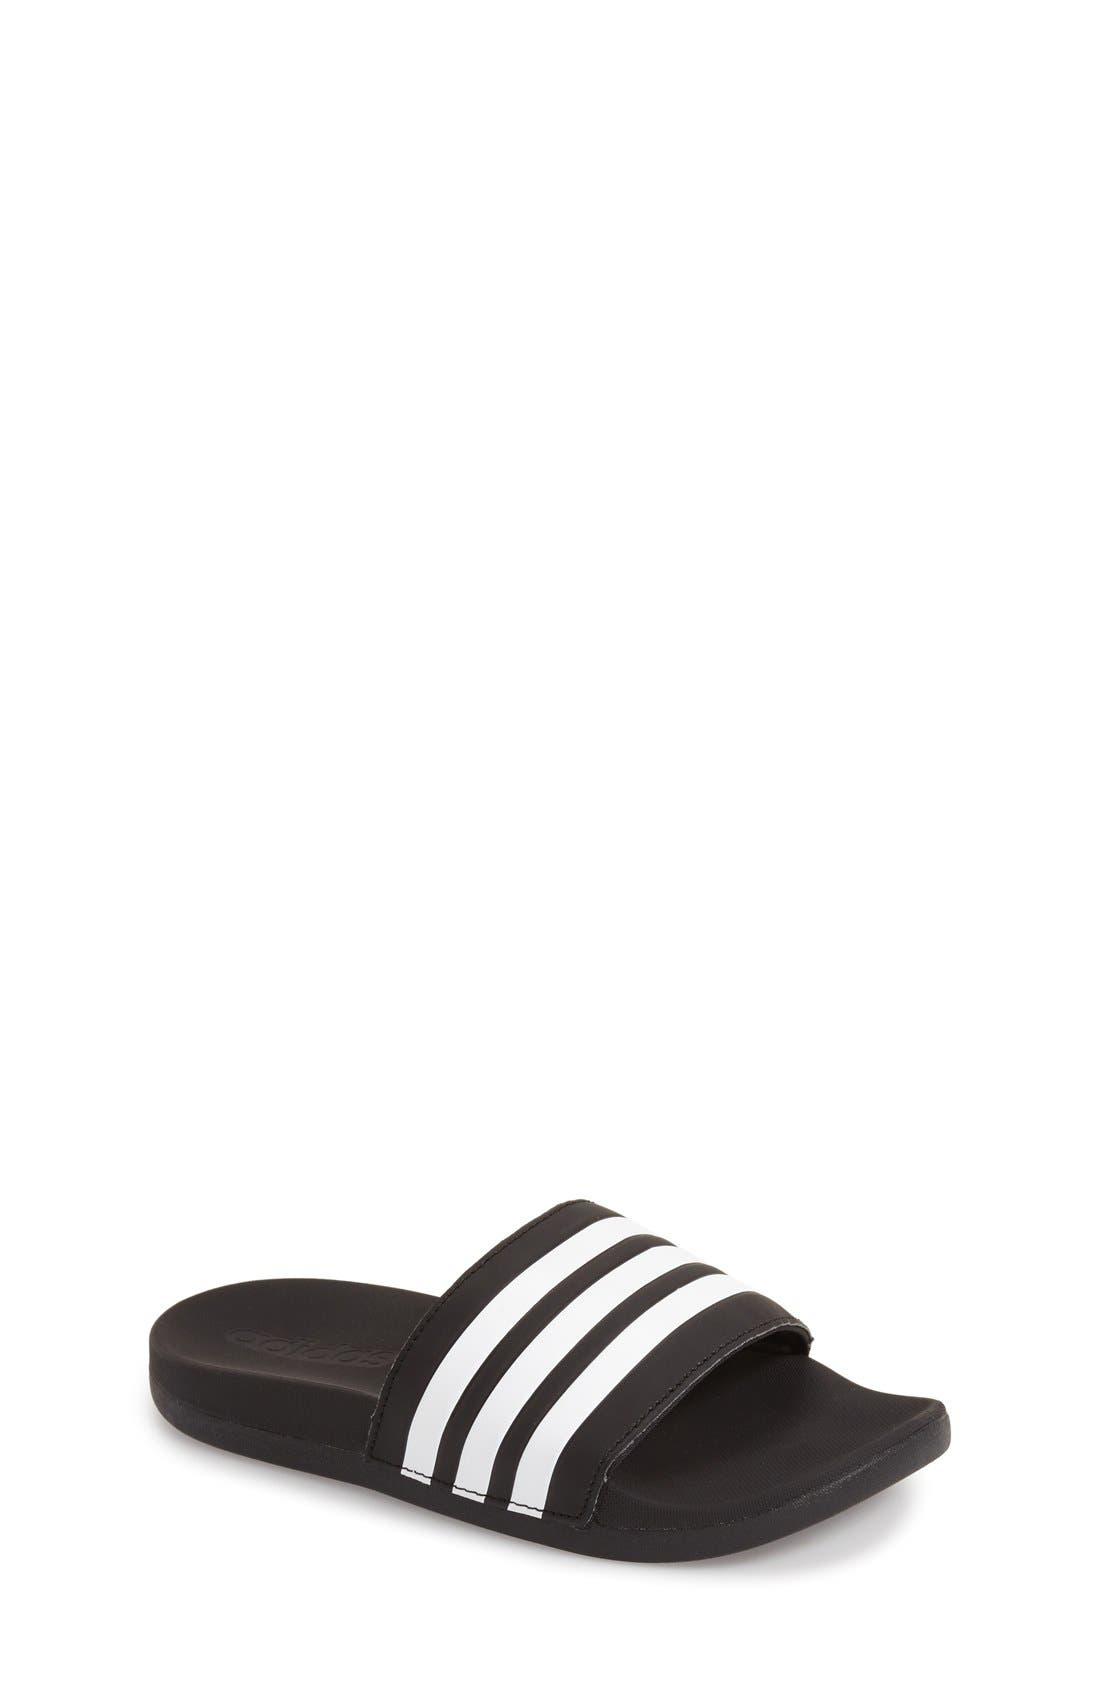 'Adilette Plus' Sandal,                         Main,                         color, 001